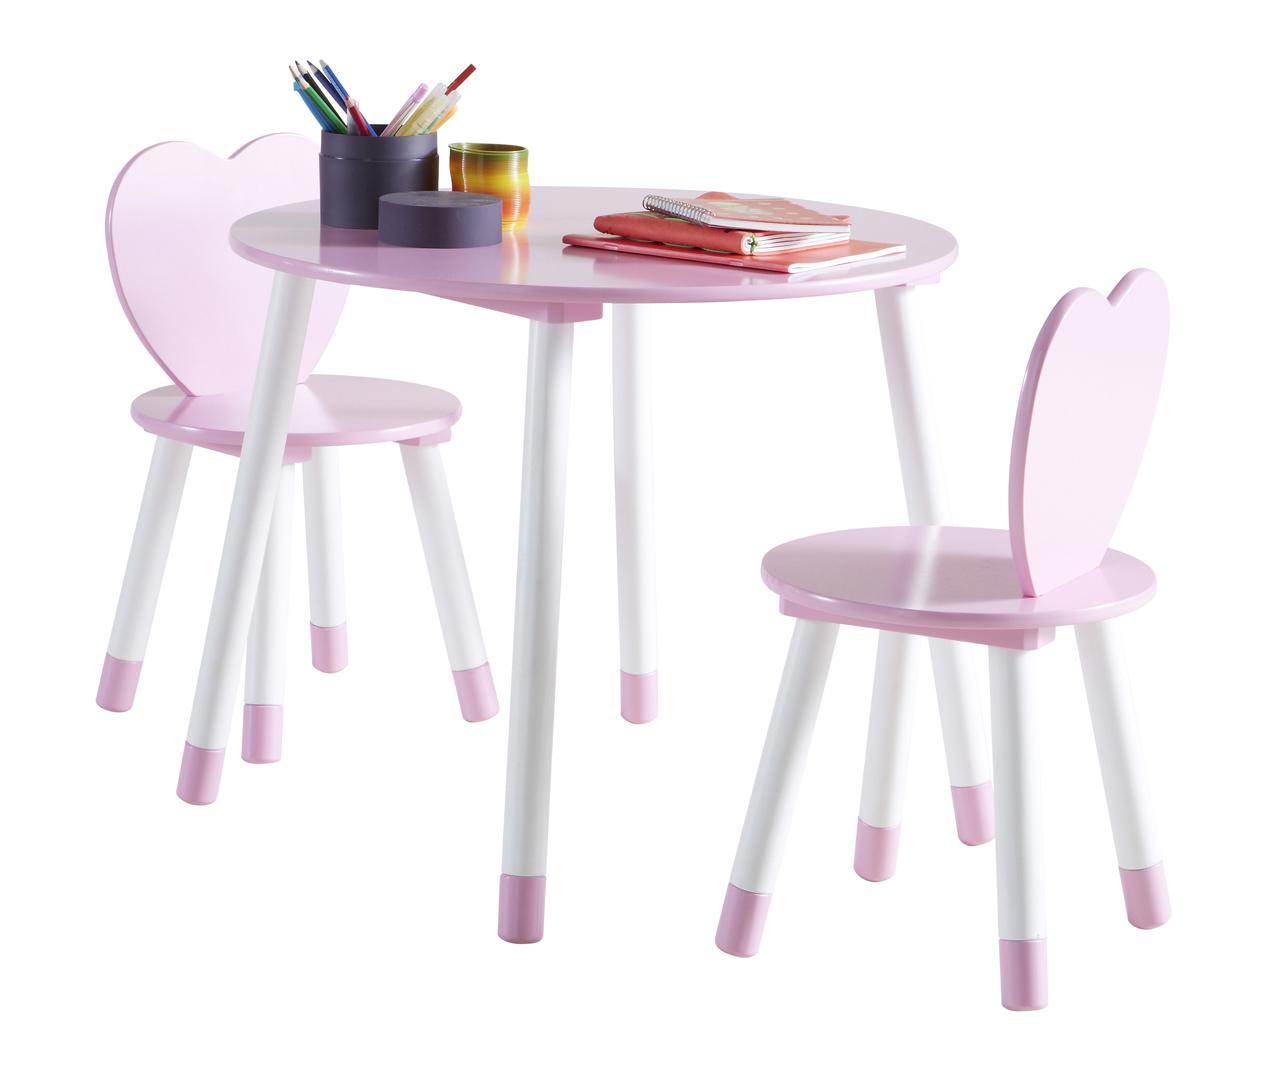 Enfant Ensemble Et Chaises Table Contemporain Blancrose Aurore A4R53jL